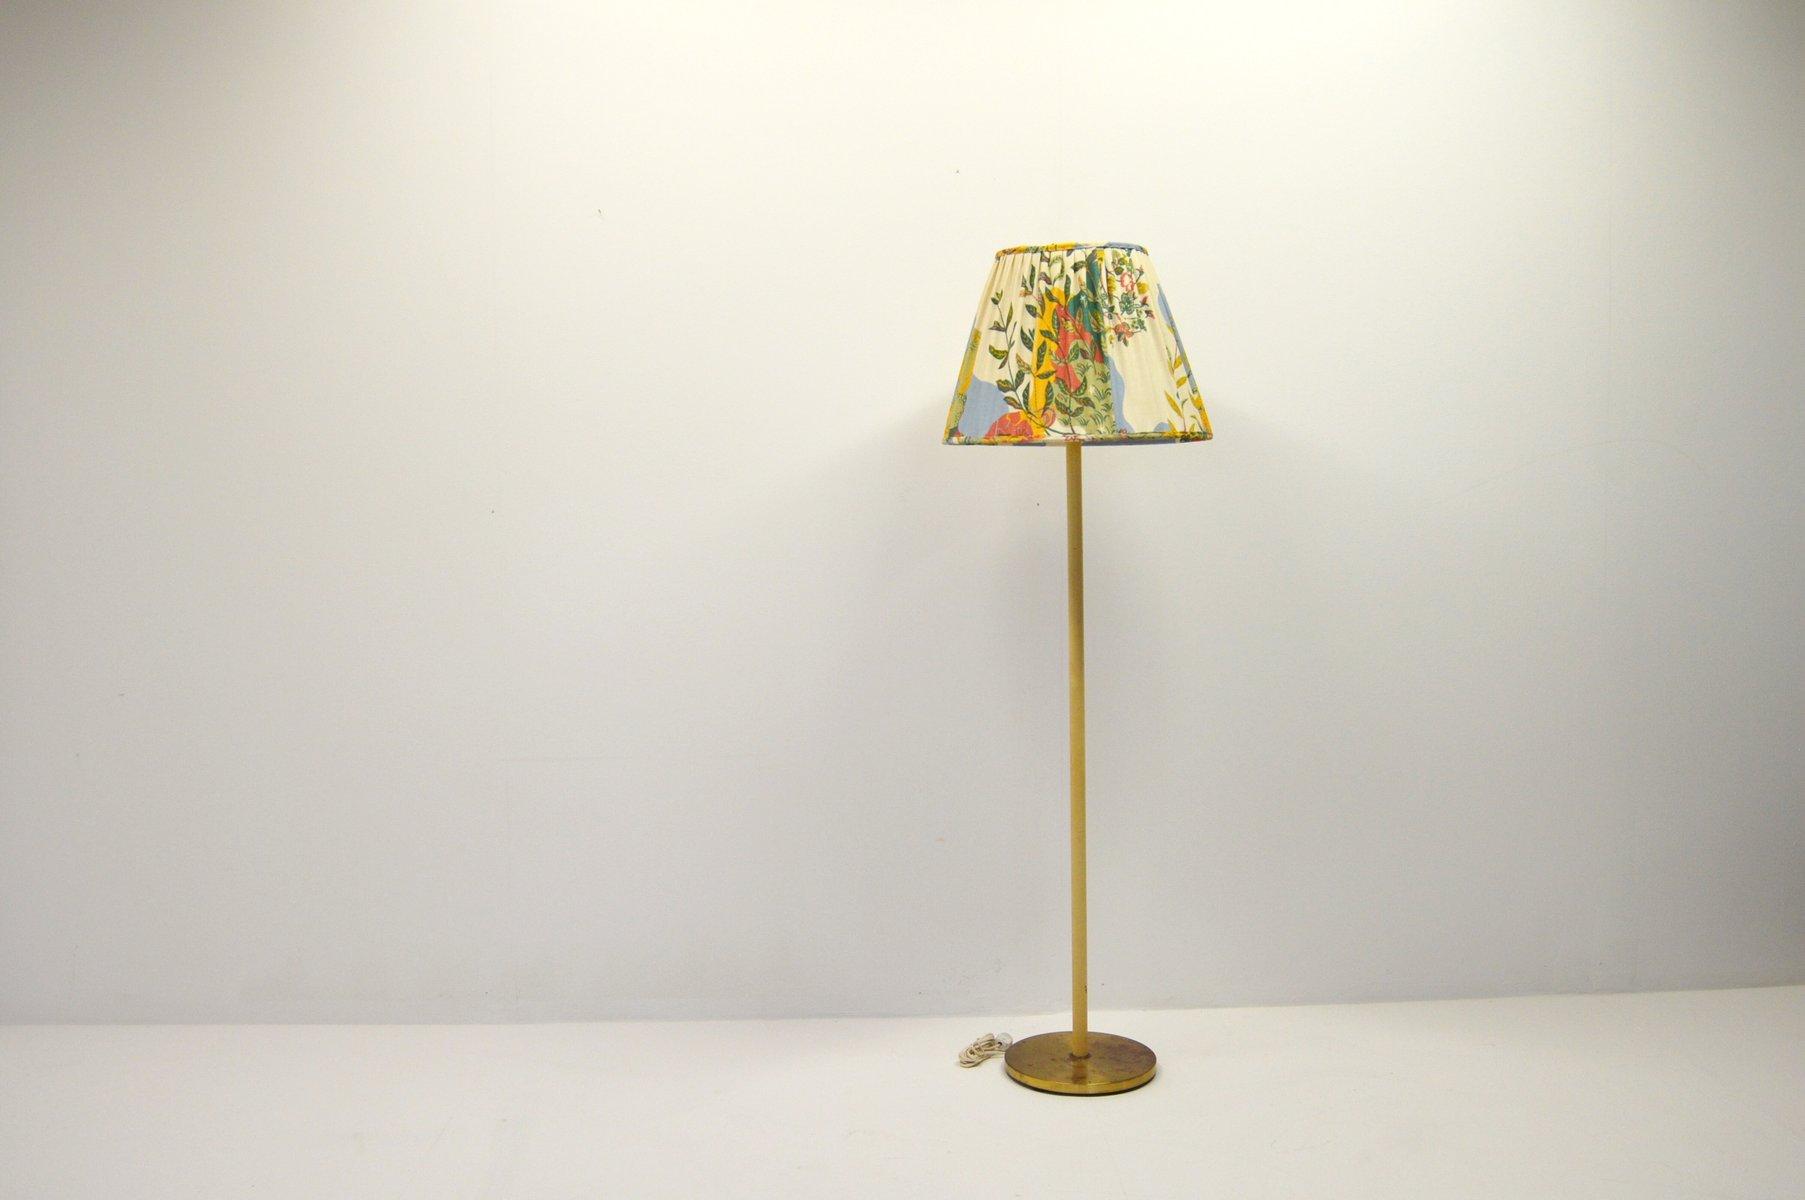 Schwedische Vintage Stehlampe mit Deckenfluter